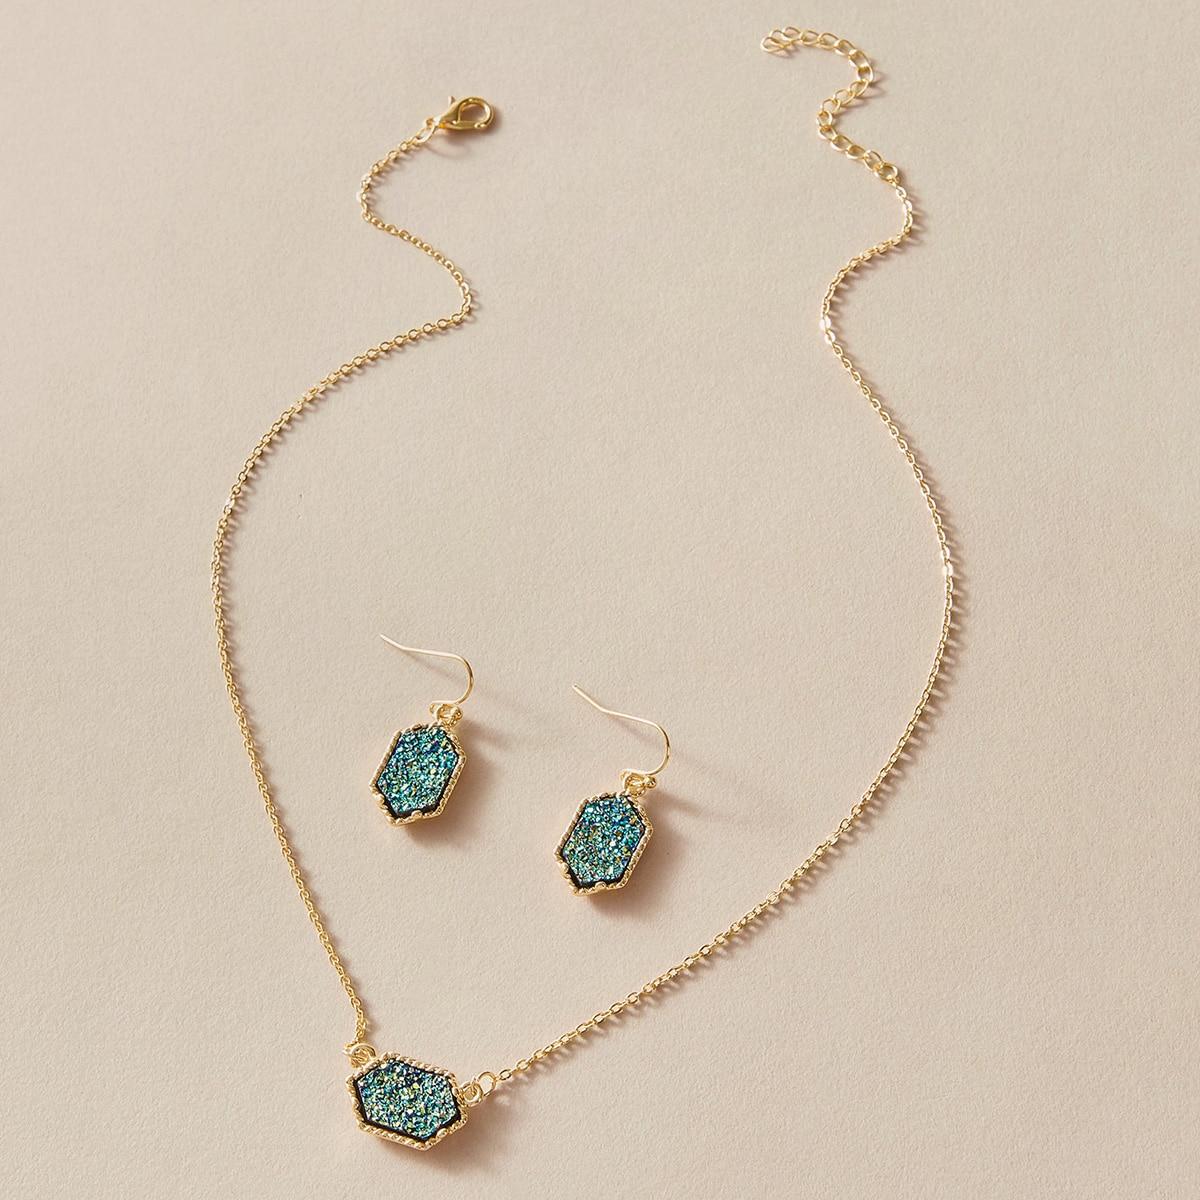 Halskette mit Hexagon Anhänger 1 Stück & Ohrringe 1 Paar